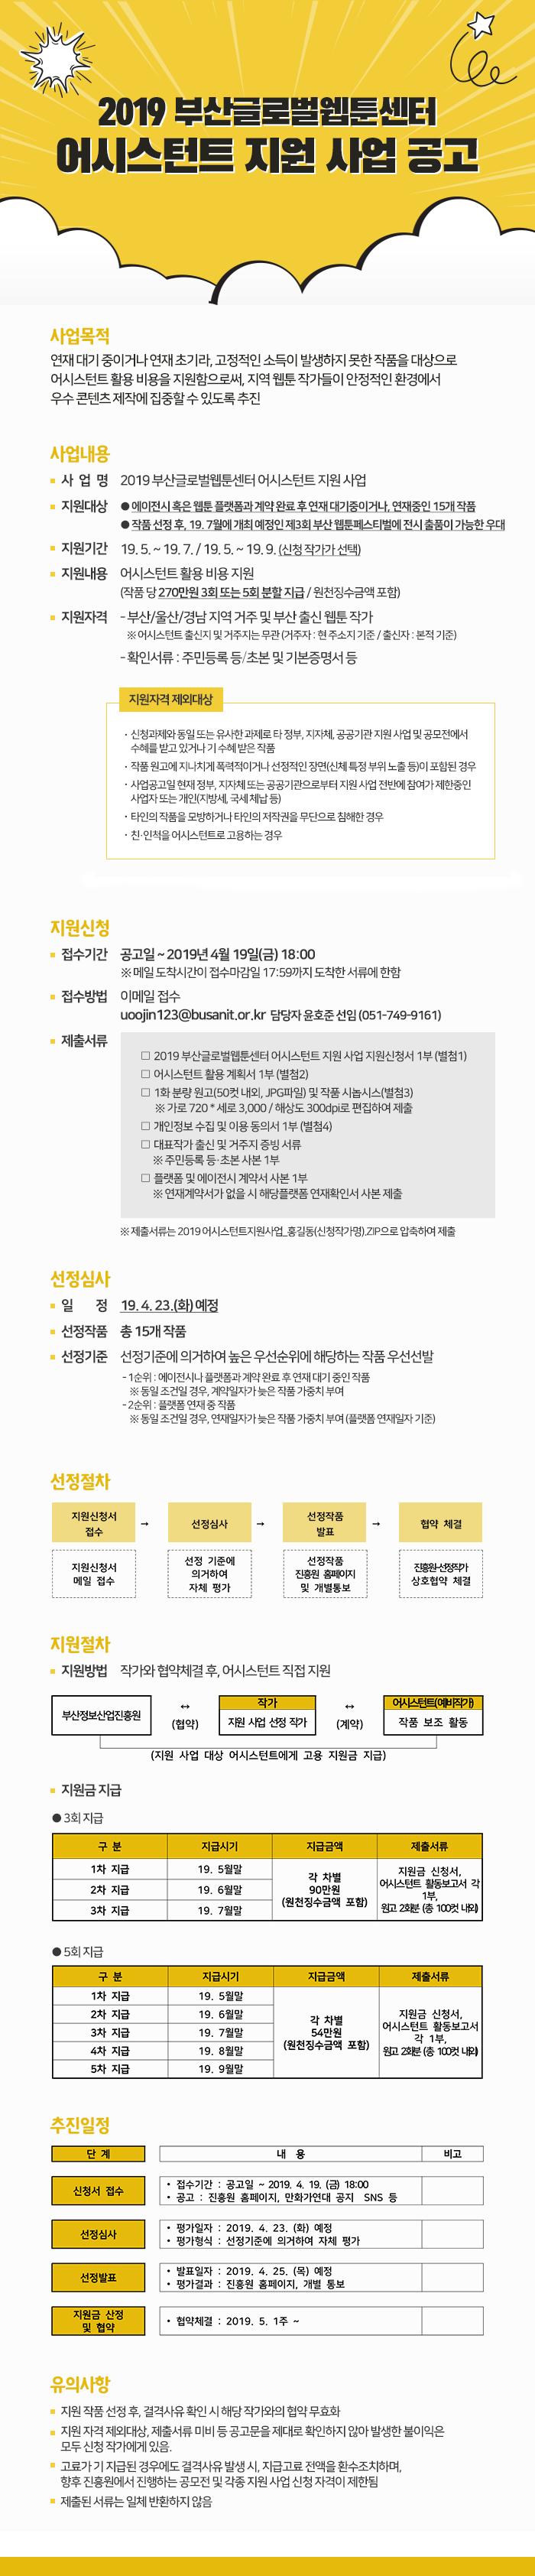 2019 부산글로벌웹툰센터 어시스턴트 지원 사업 공고